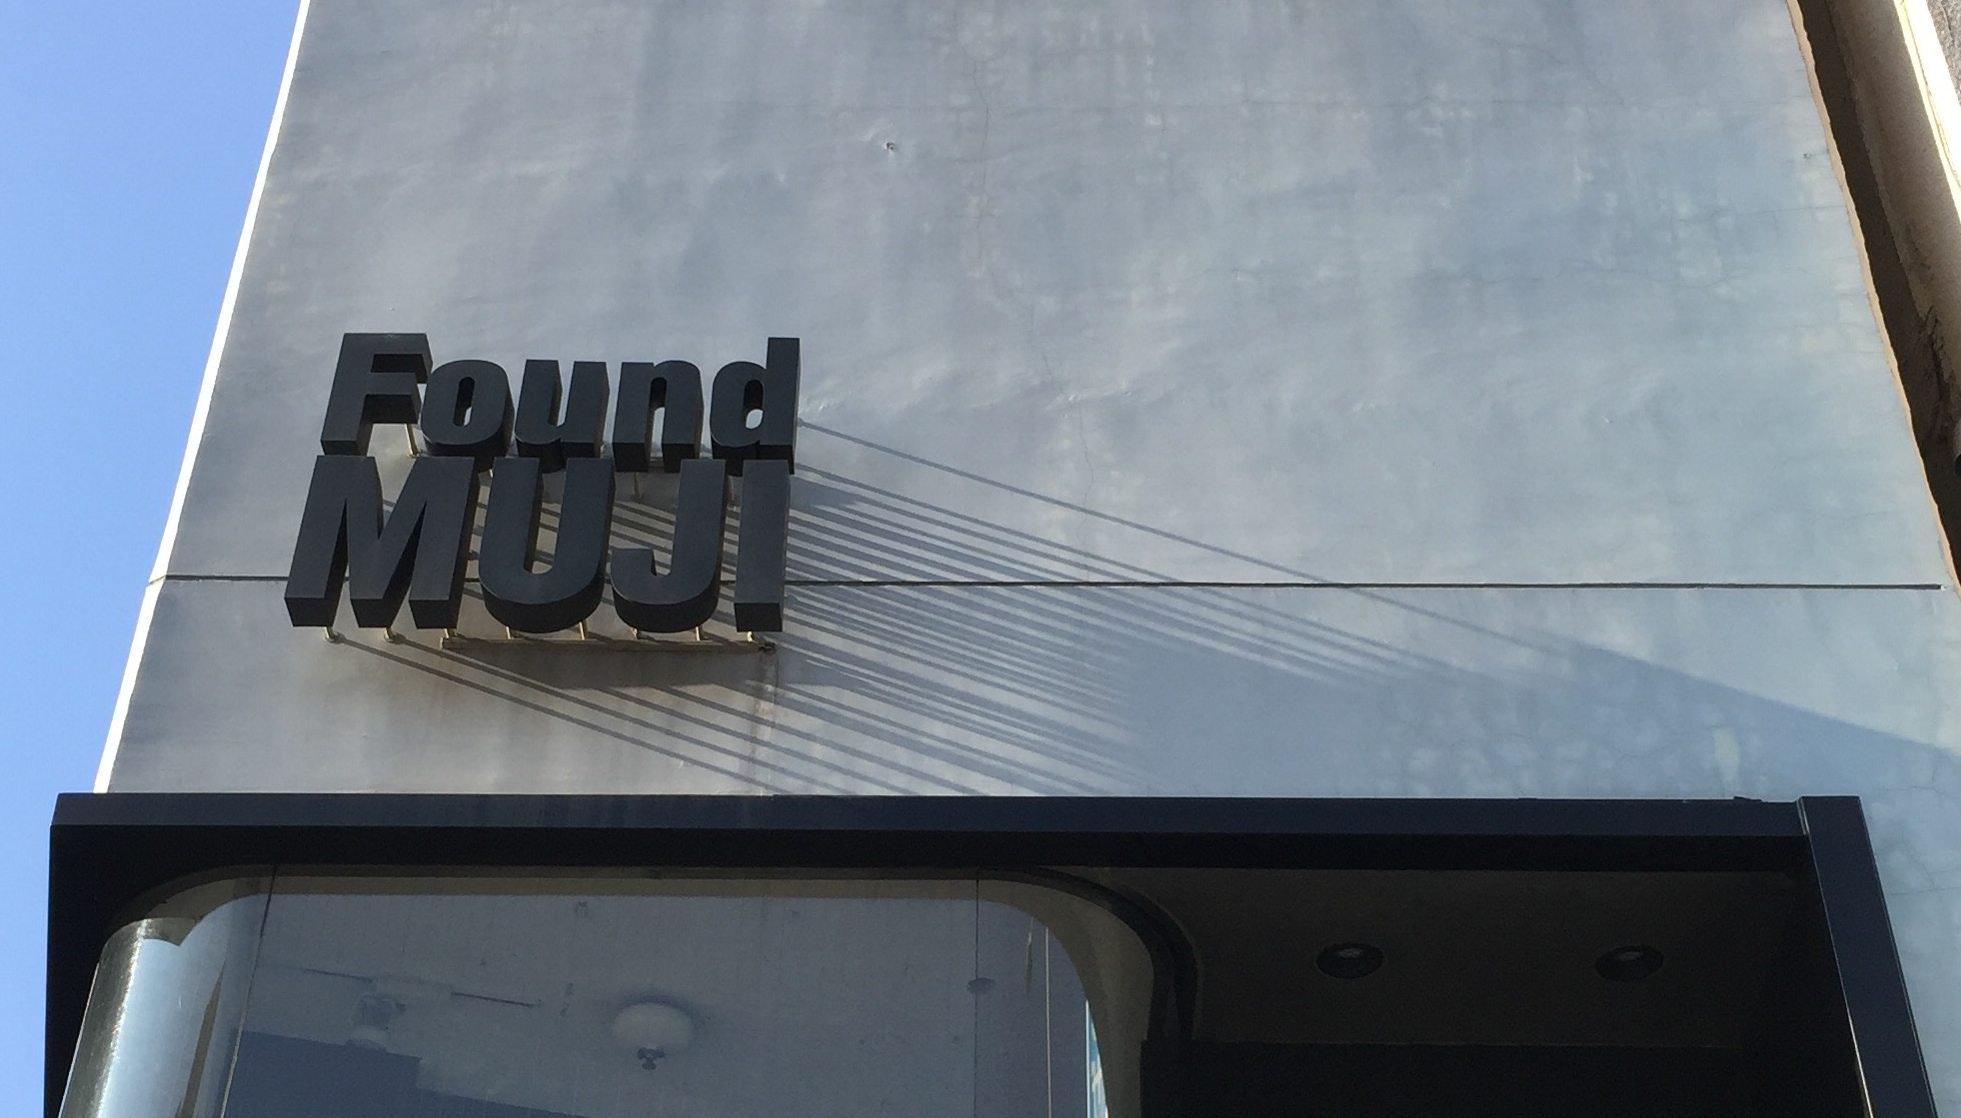 파운드 무지 - 숨은 '다움' 찾기